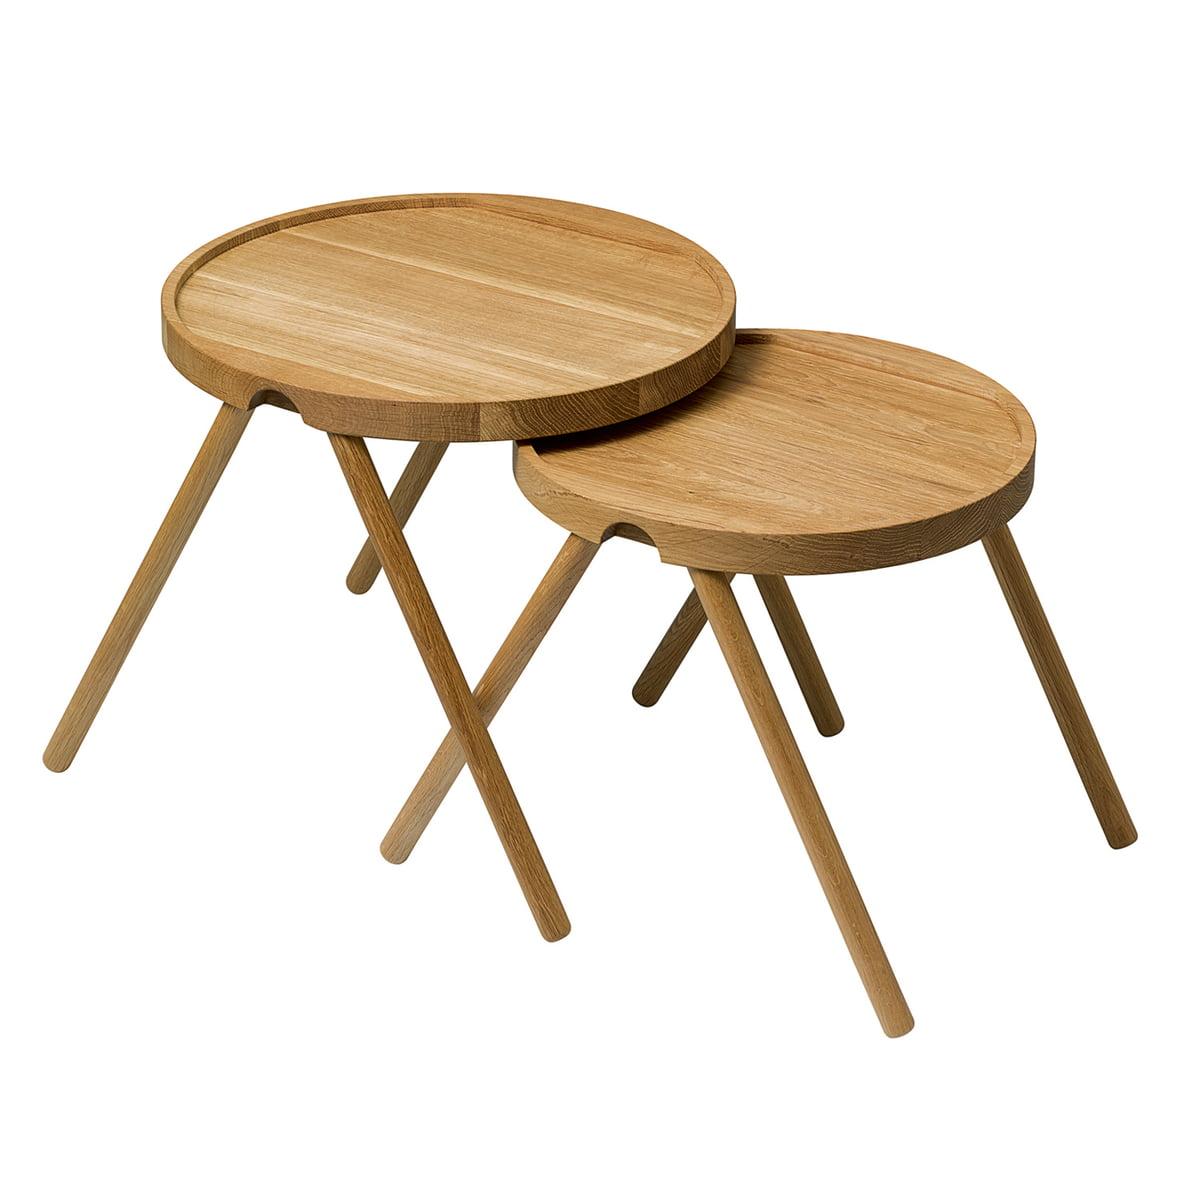 Tablett Tisch Von Auerberg Im Shop Kaufen